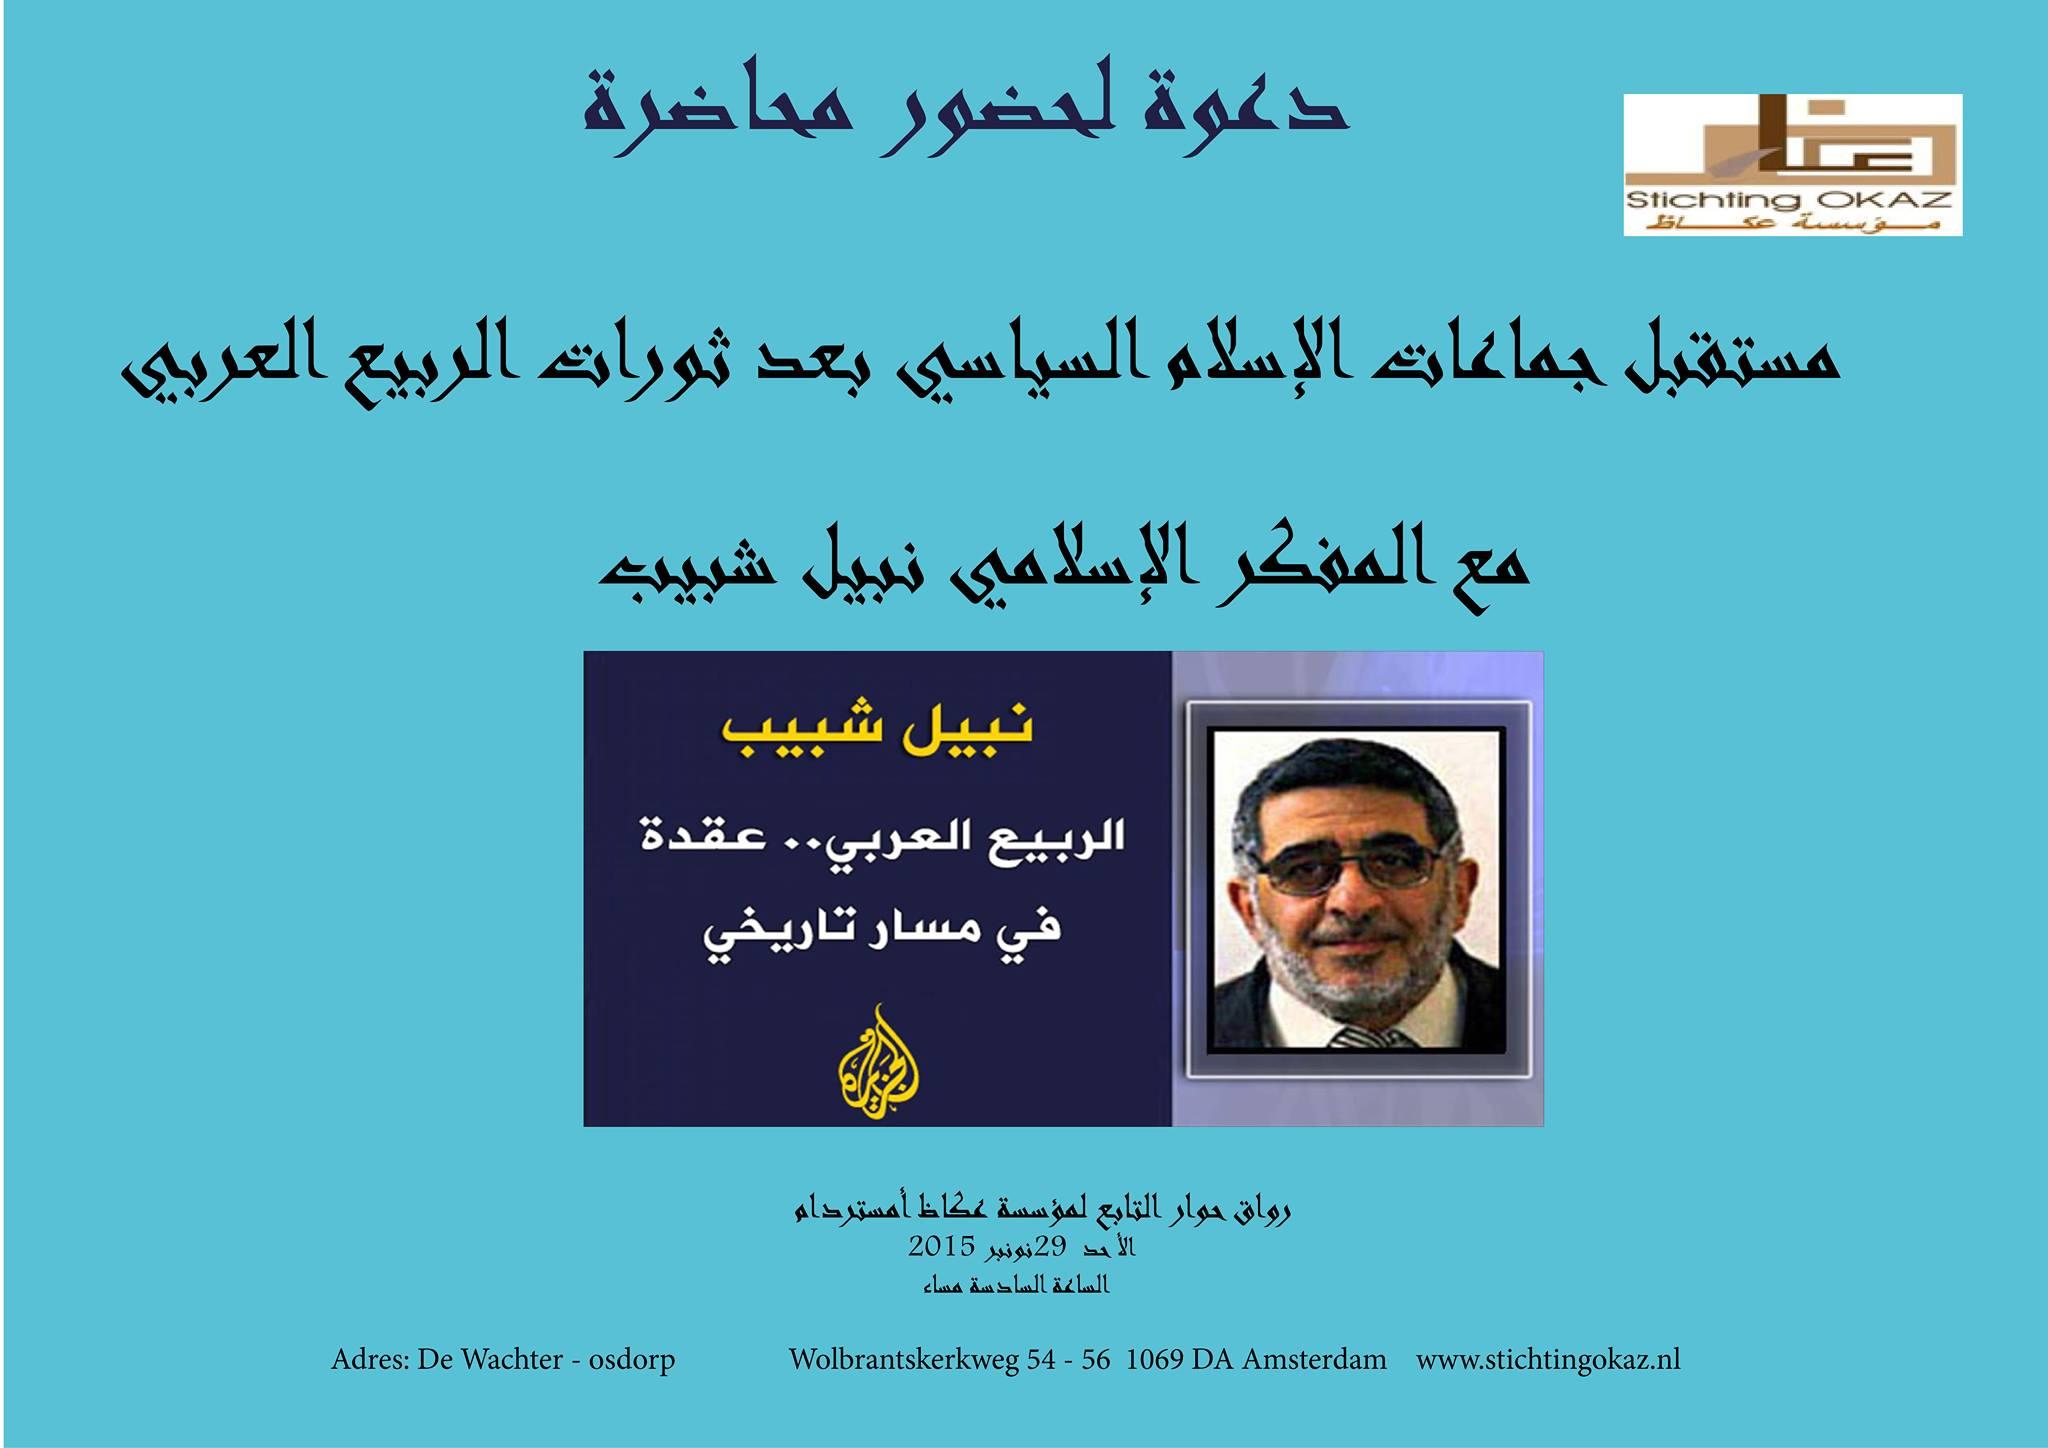 Nabil chbib: De toekomst van de Islamitisch-politieke bewegingen na de revoluties van de Arabische Lente